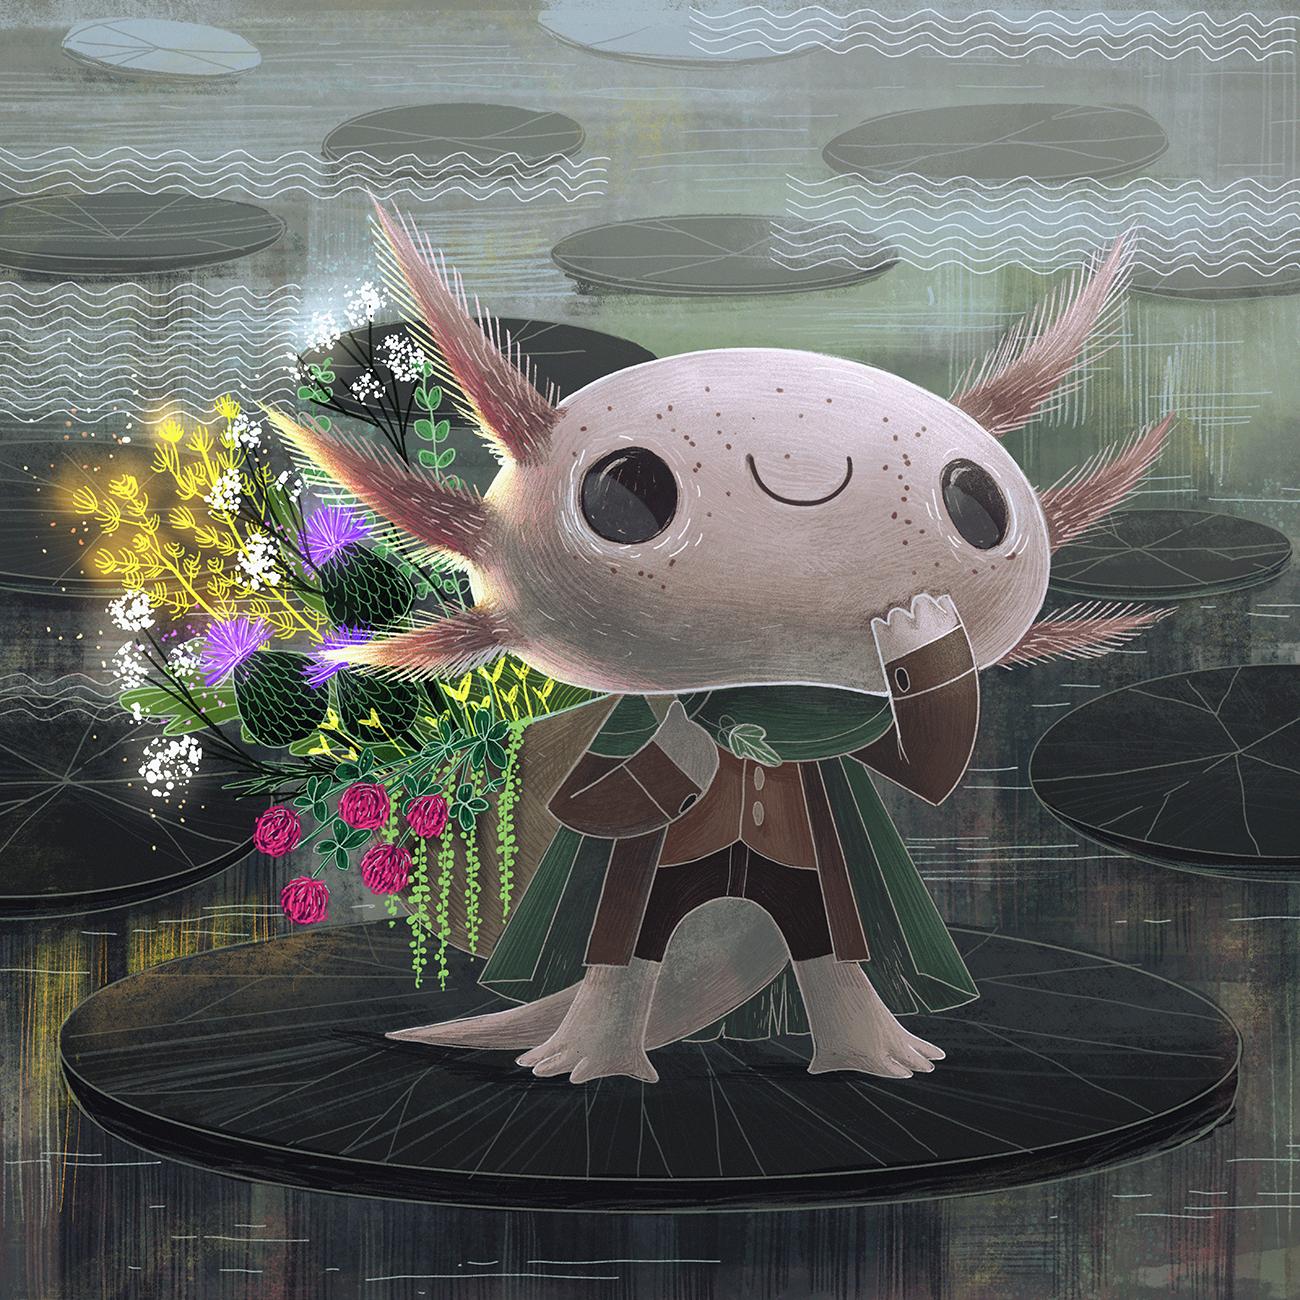 axolotl-adventurer-cdc-december